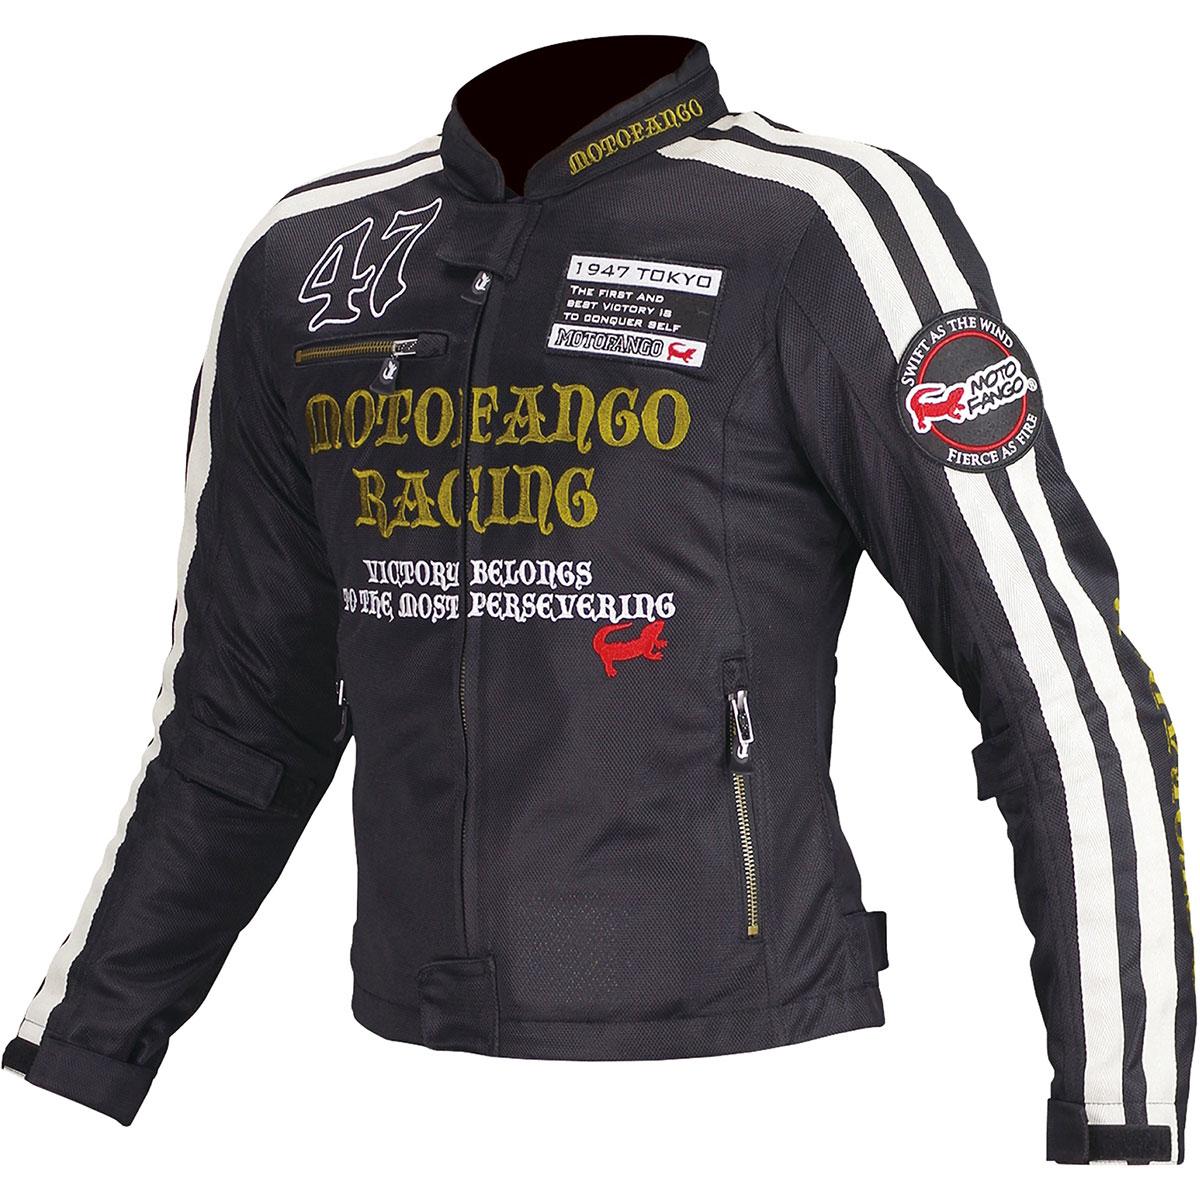 コミネ (Komine) バイク用 ジャケット Jacket MJ-003 ダブルラインメッシュジャケット ブラック ゴールド 黒 金 Sサイズ 17-003/BK/GD/S